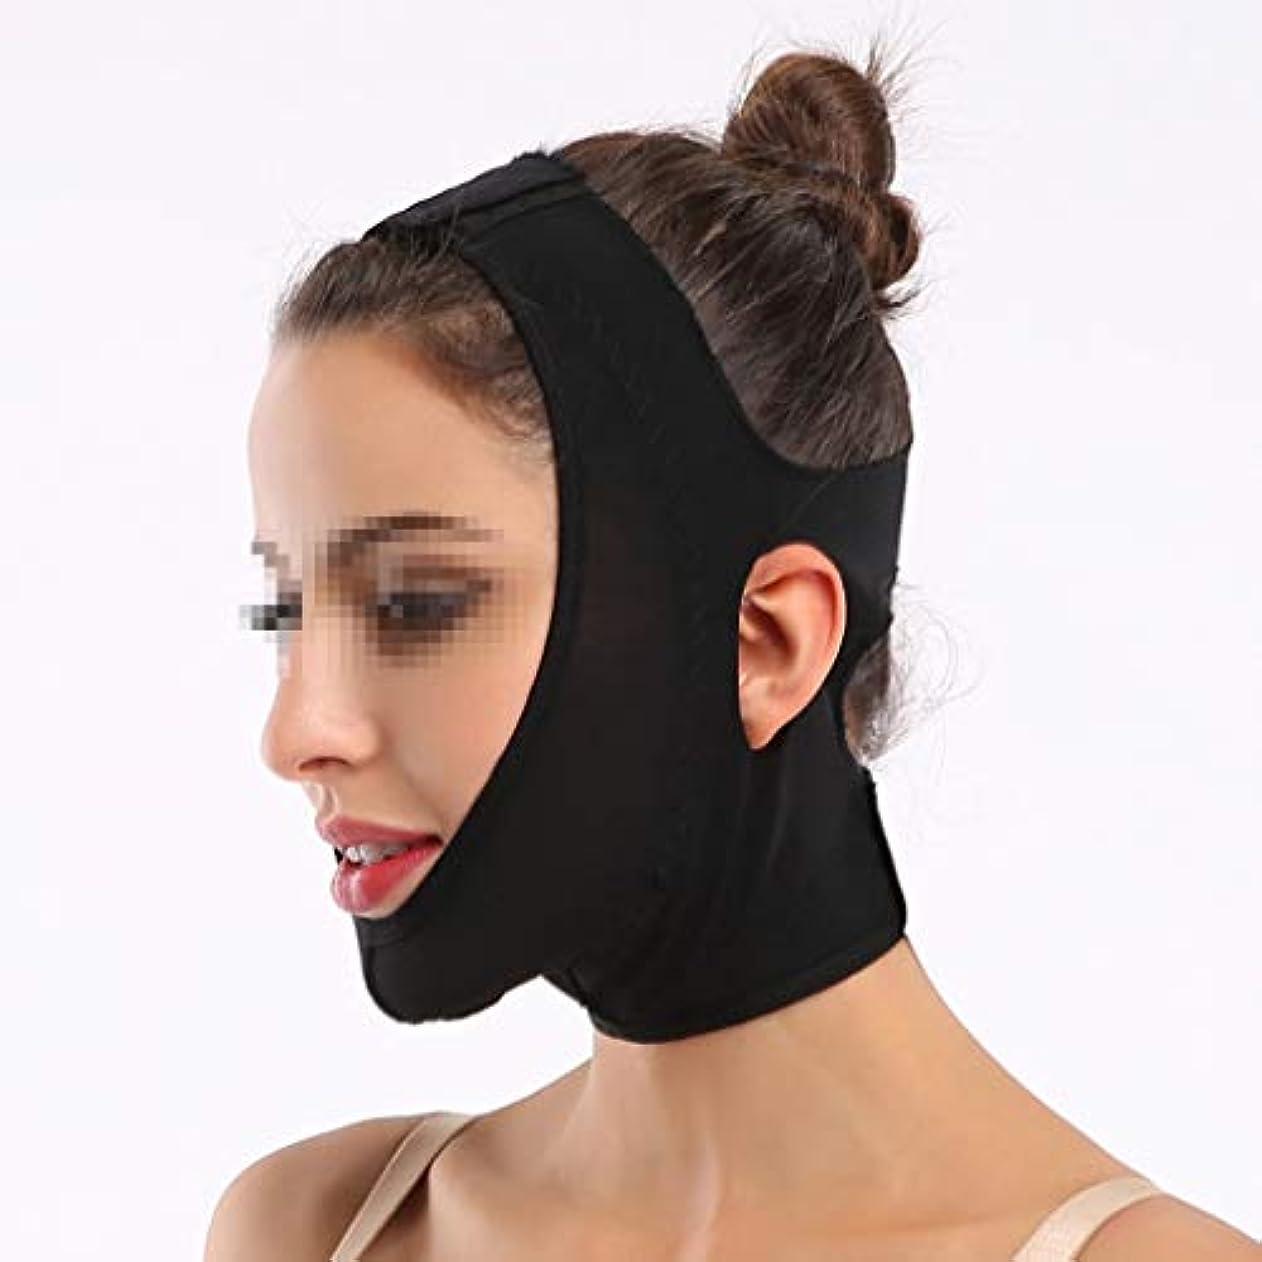 委員長柔らかさ不和XHLMRMJ Vフェイスマスク、包帯マスクを持ち上げて引き締めるスキニービューティーサロン1日2時間Vフェイスマッサージ術後回復